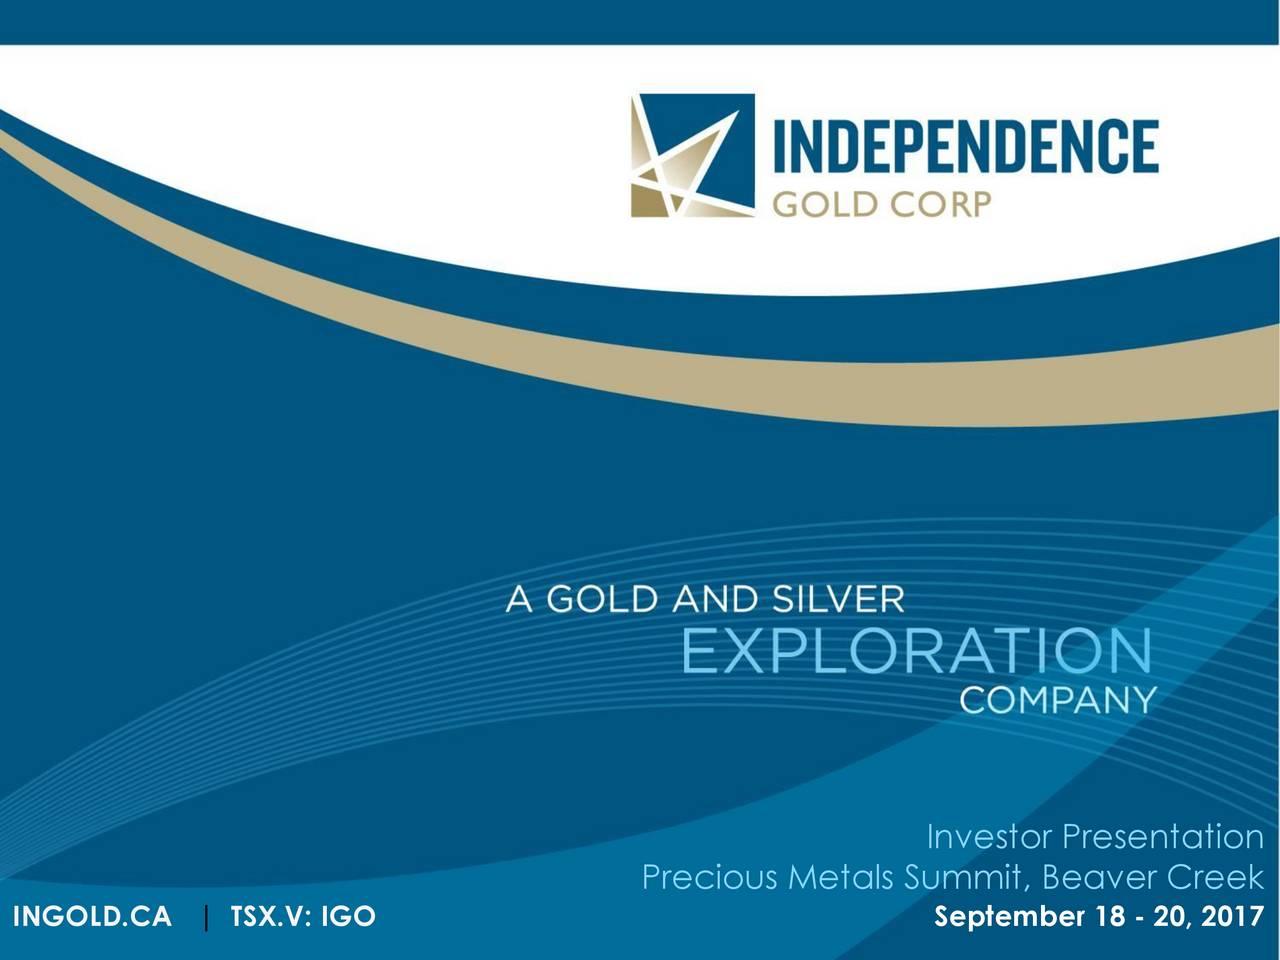 Precious Metals Summit, Beaver Creek INGOLD.CA | TSX.V: IGO September 18 - 20, 2017